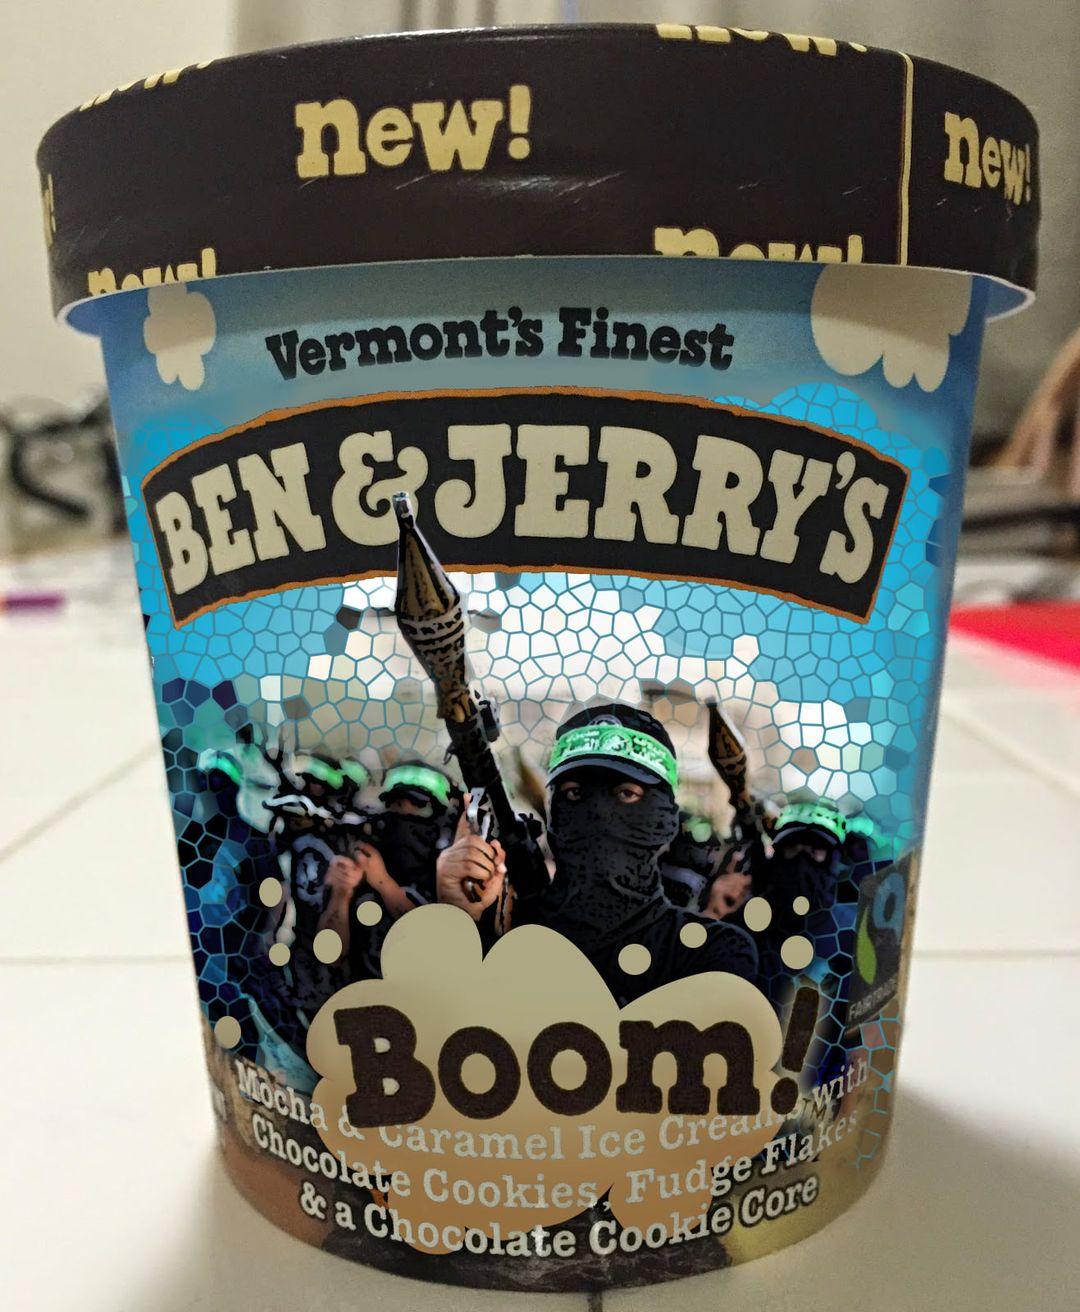 """Ben & Jerry's, avagy az új """"manipulált"""" progresszív baloldali irányzat egyik arca?"""